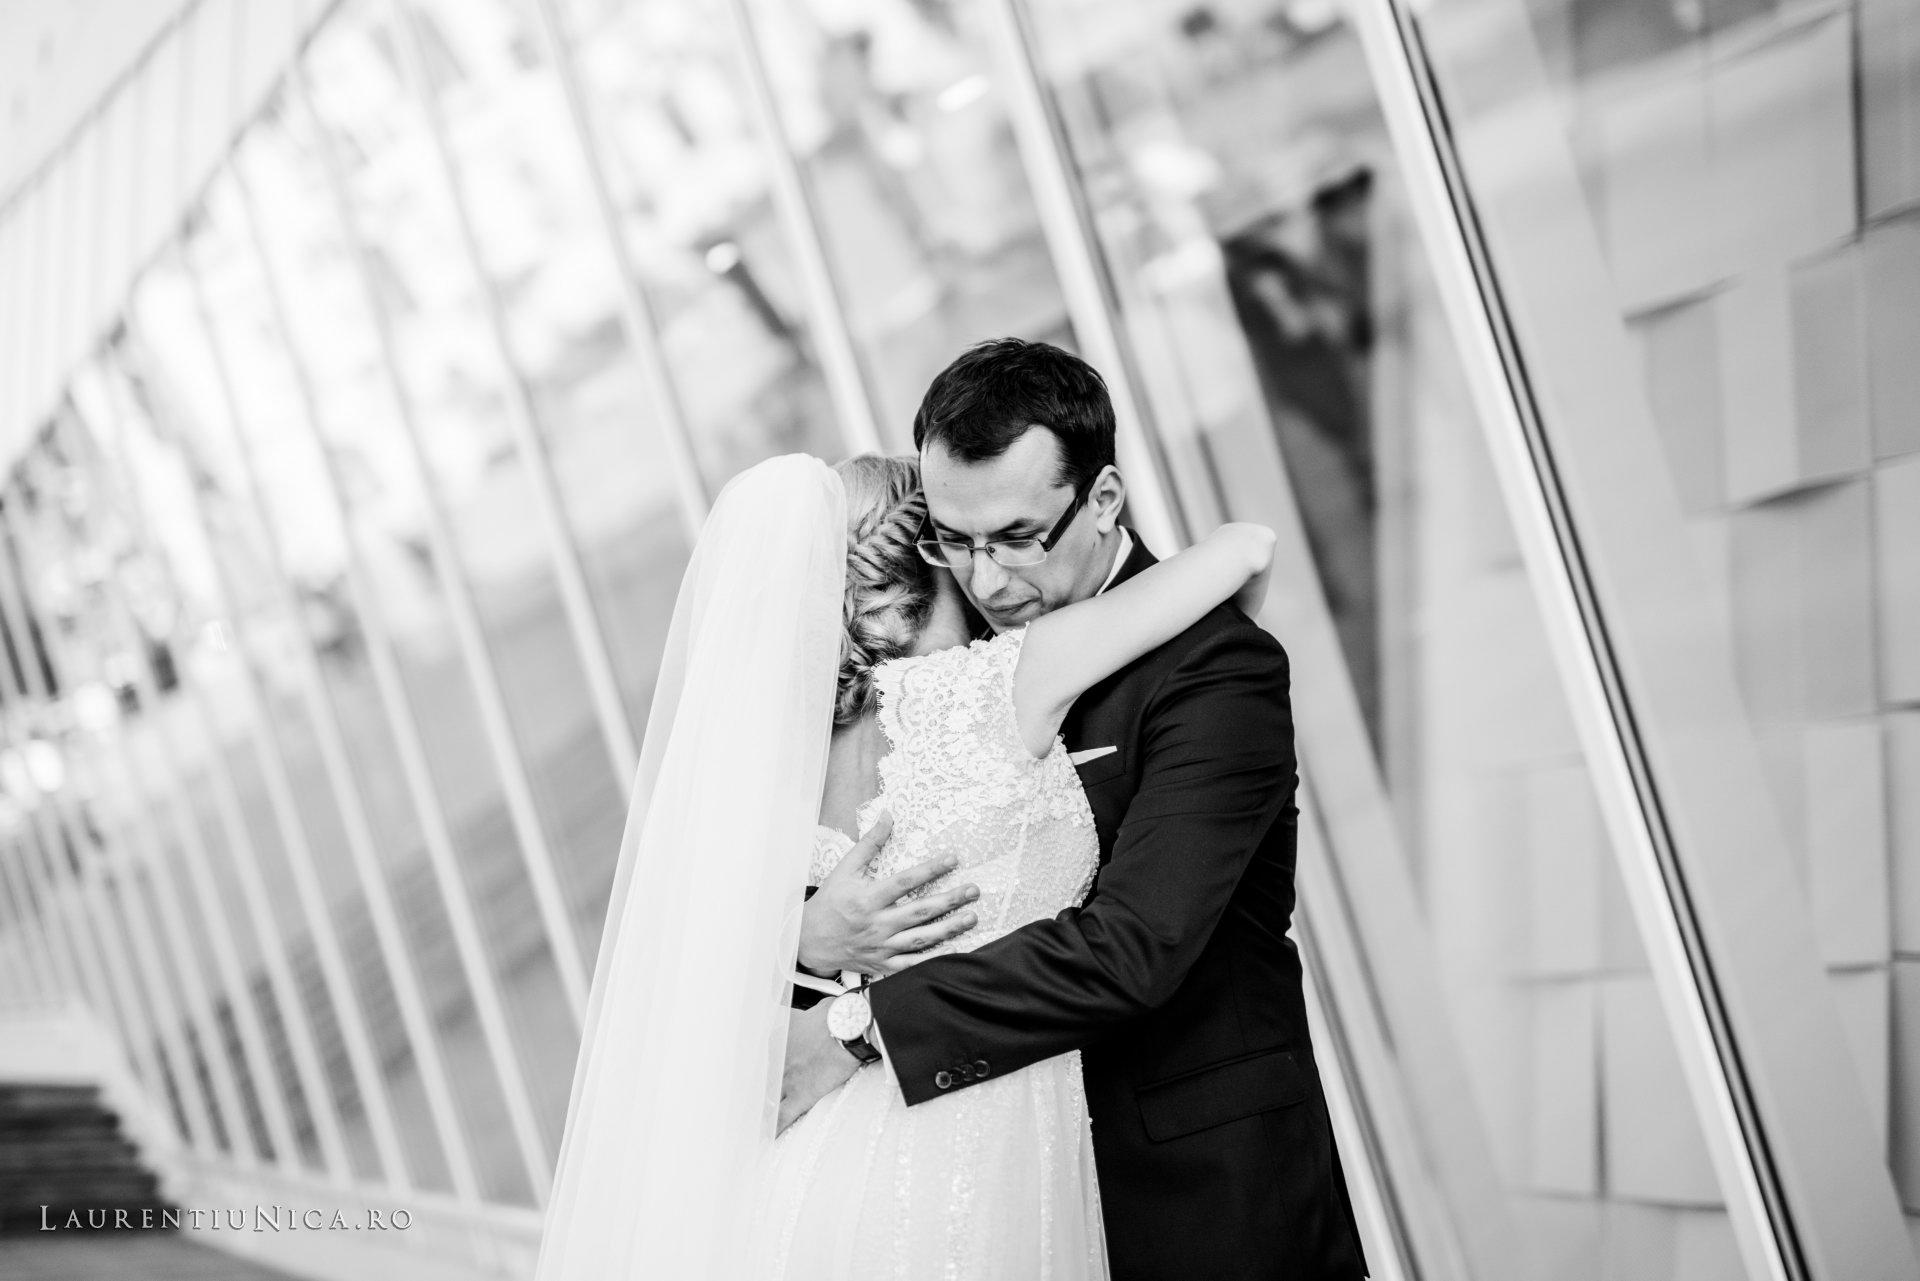 alina si razvan craiova fotograf nunta laurentiu nica62 - Alina & Razvan | Fotografii nunta